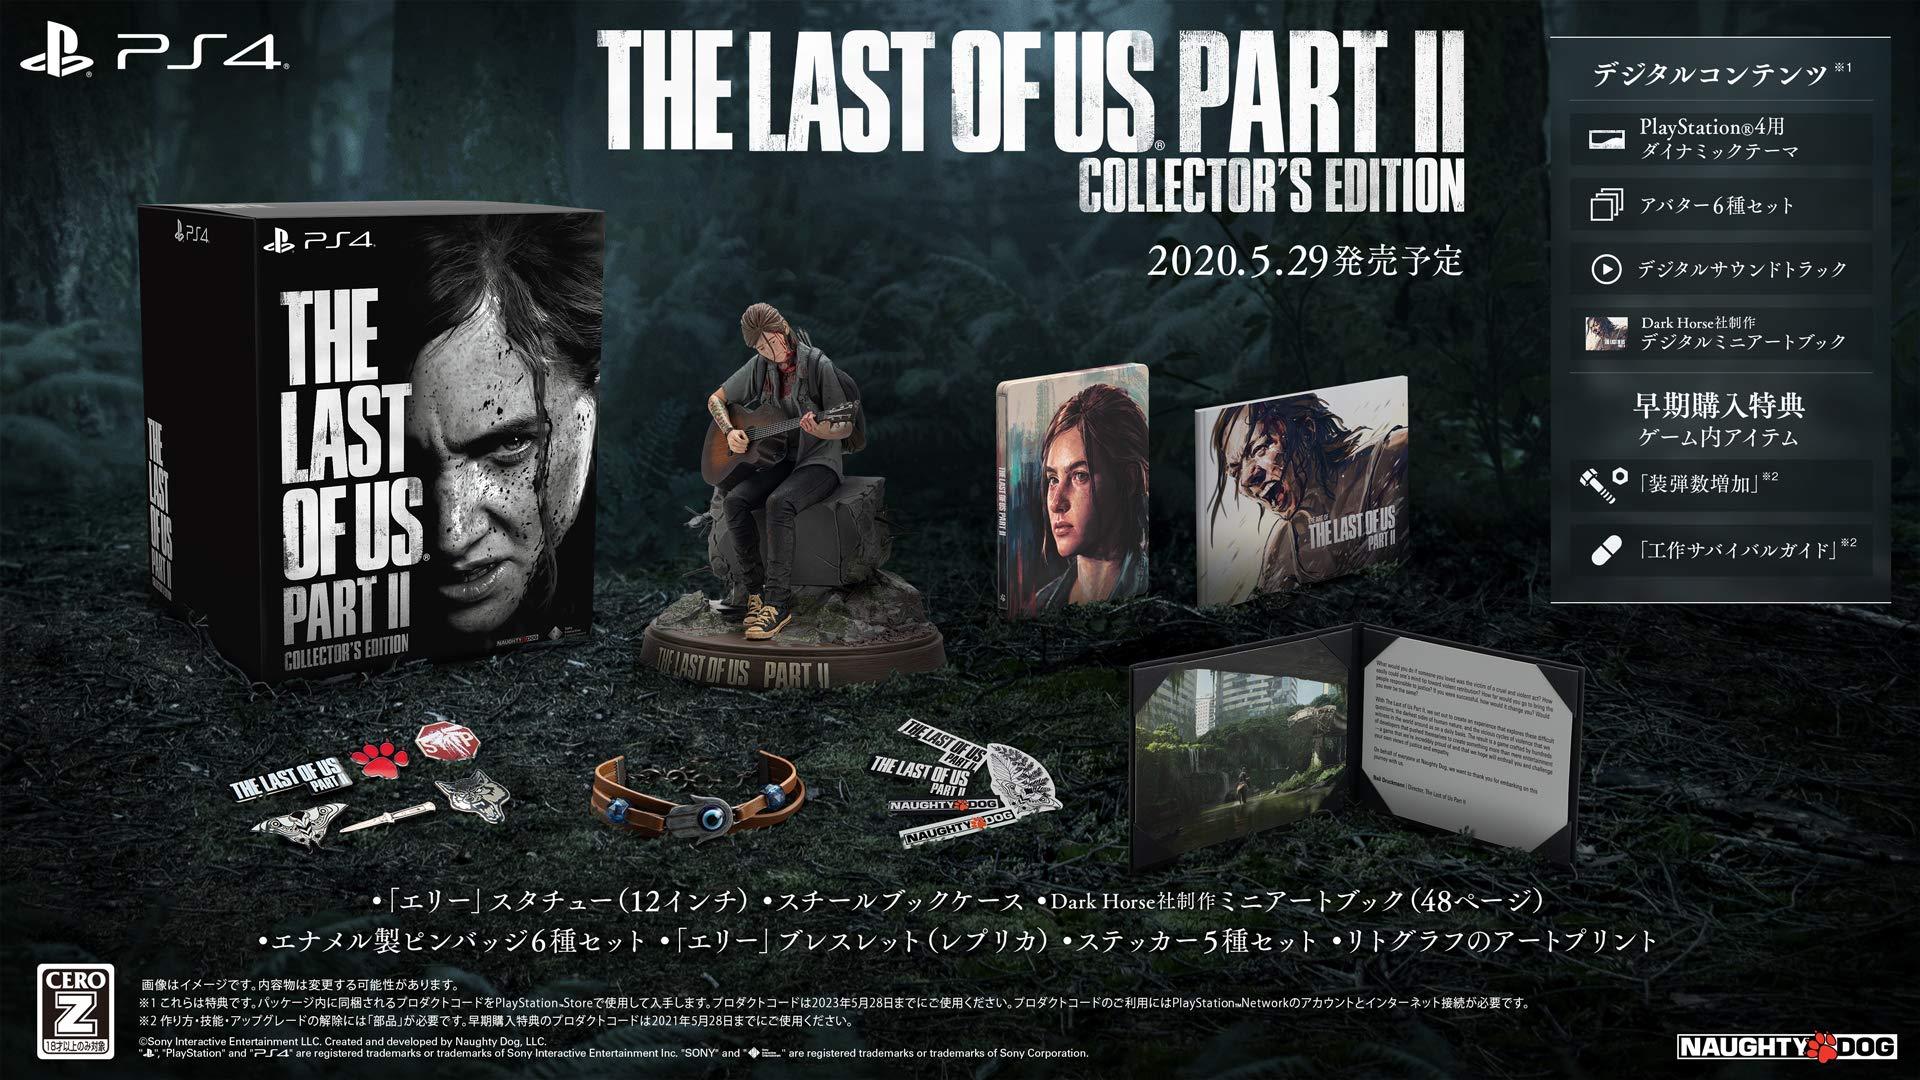 【PS4】『The Last of Us Part II』の早期購入特典・店舗特典・コレクターズエディション【発売日未定】